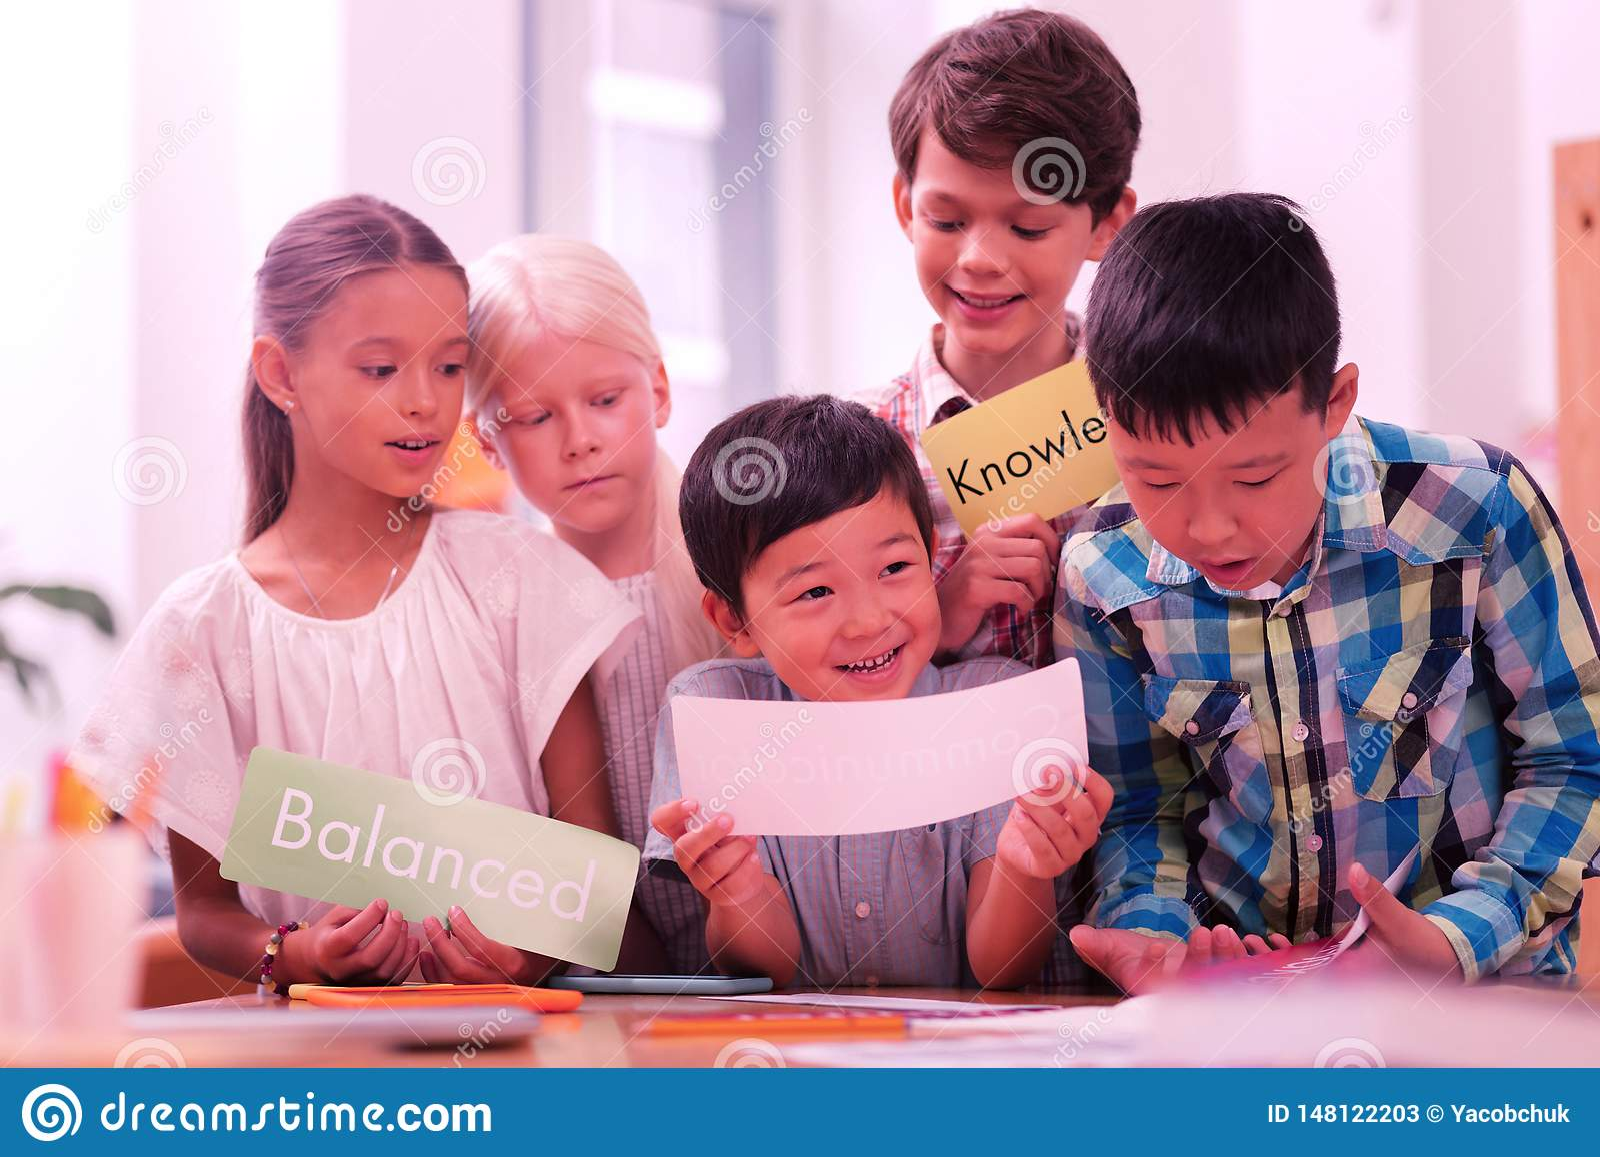 Groep kinderen die nieuwe Engelse woorden leren